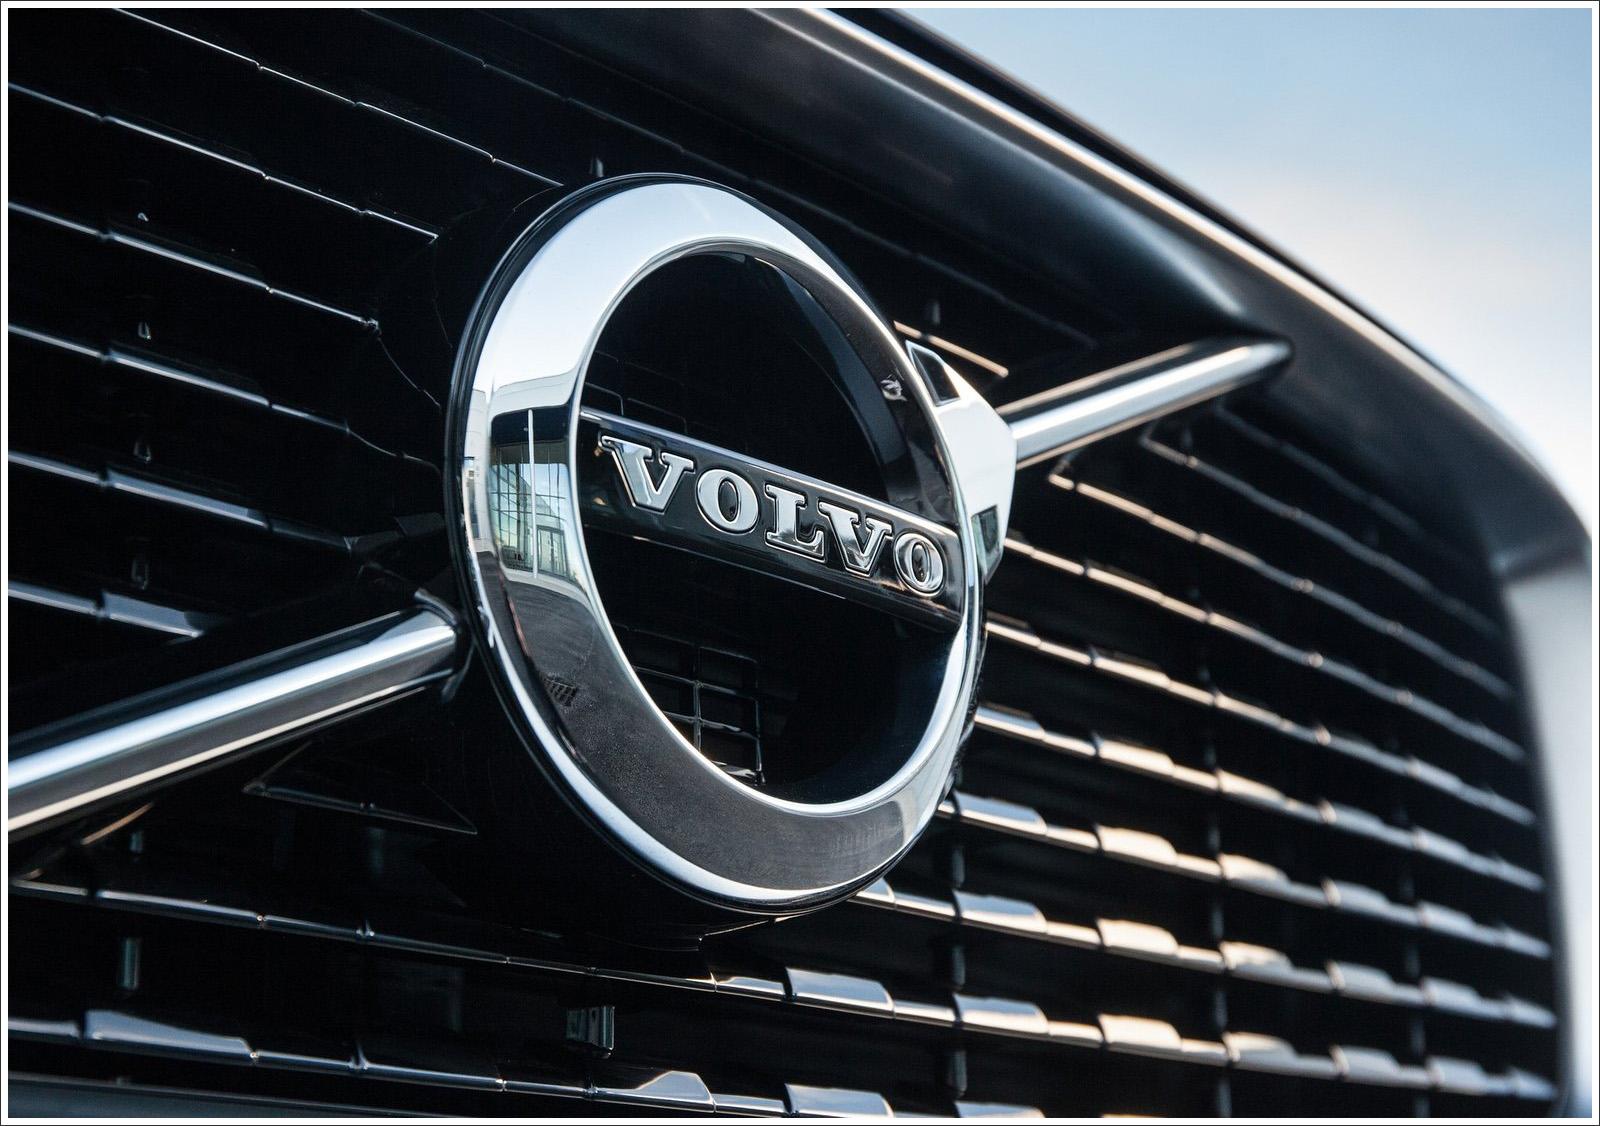 Компания Polestar увеличила градус заднего привода вмоделях Вольво 2019 года